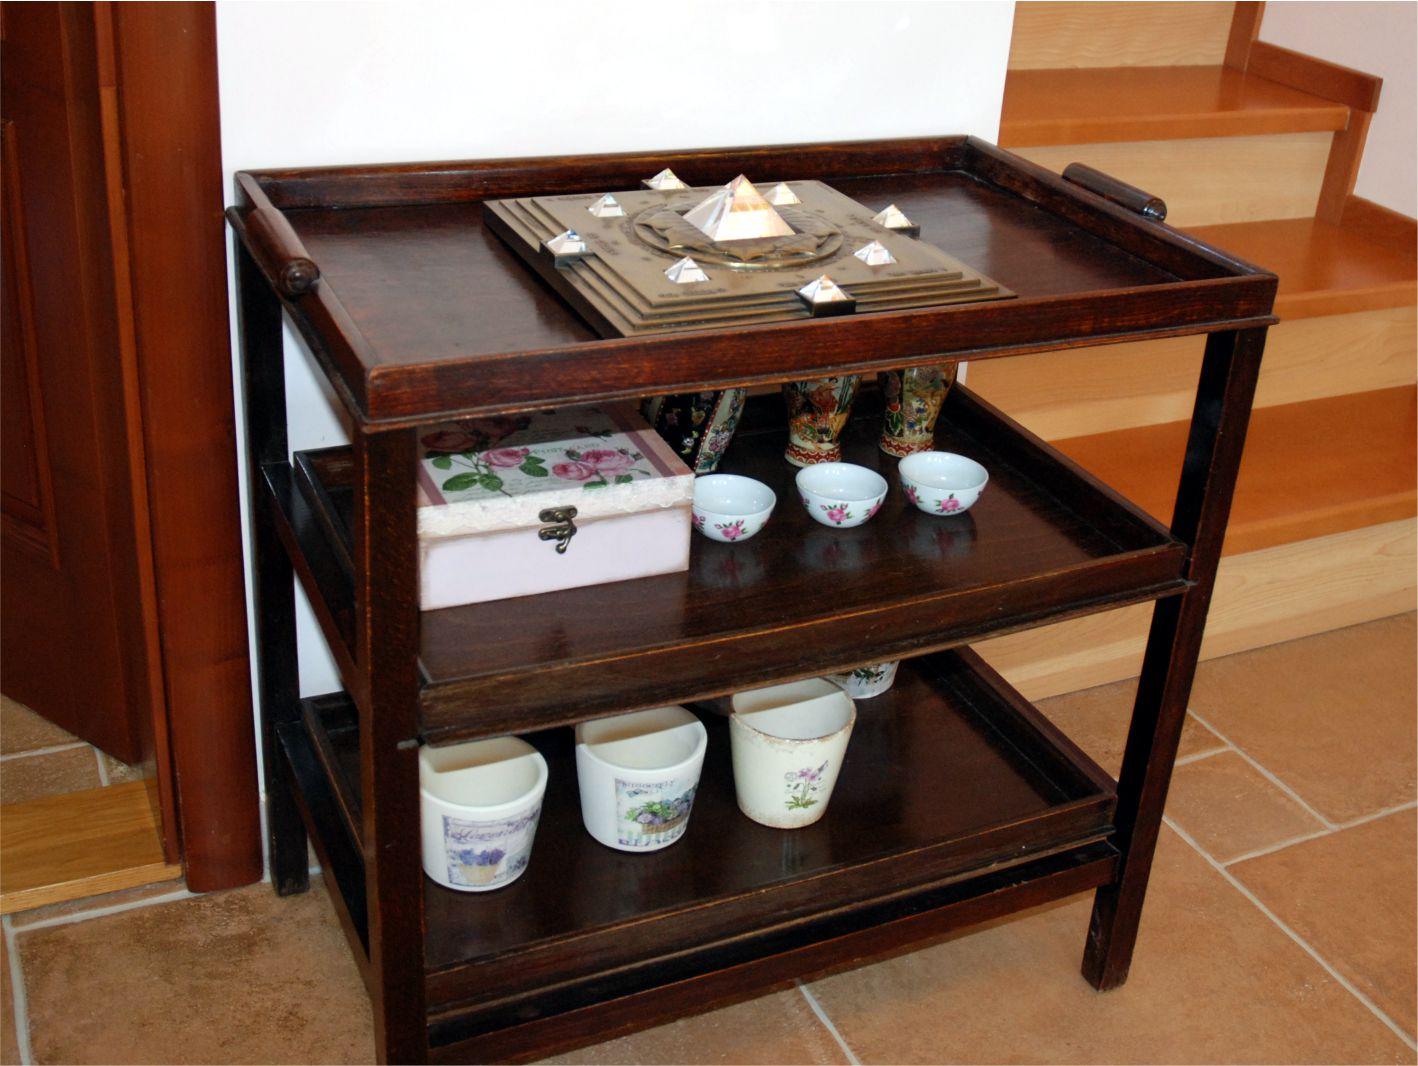 A Vaszati piramist a ház közepén szoktuk elhelyezni, ahol viszont nem kedvező a sötét szín - ezt a kis asztalkát le kellene cserélni...